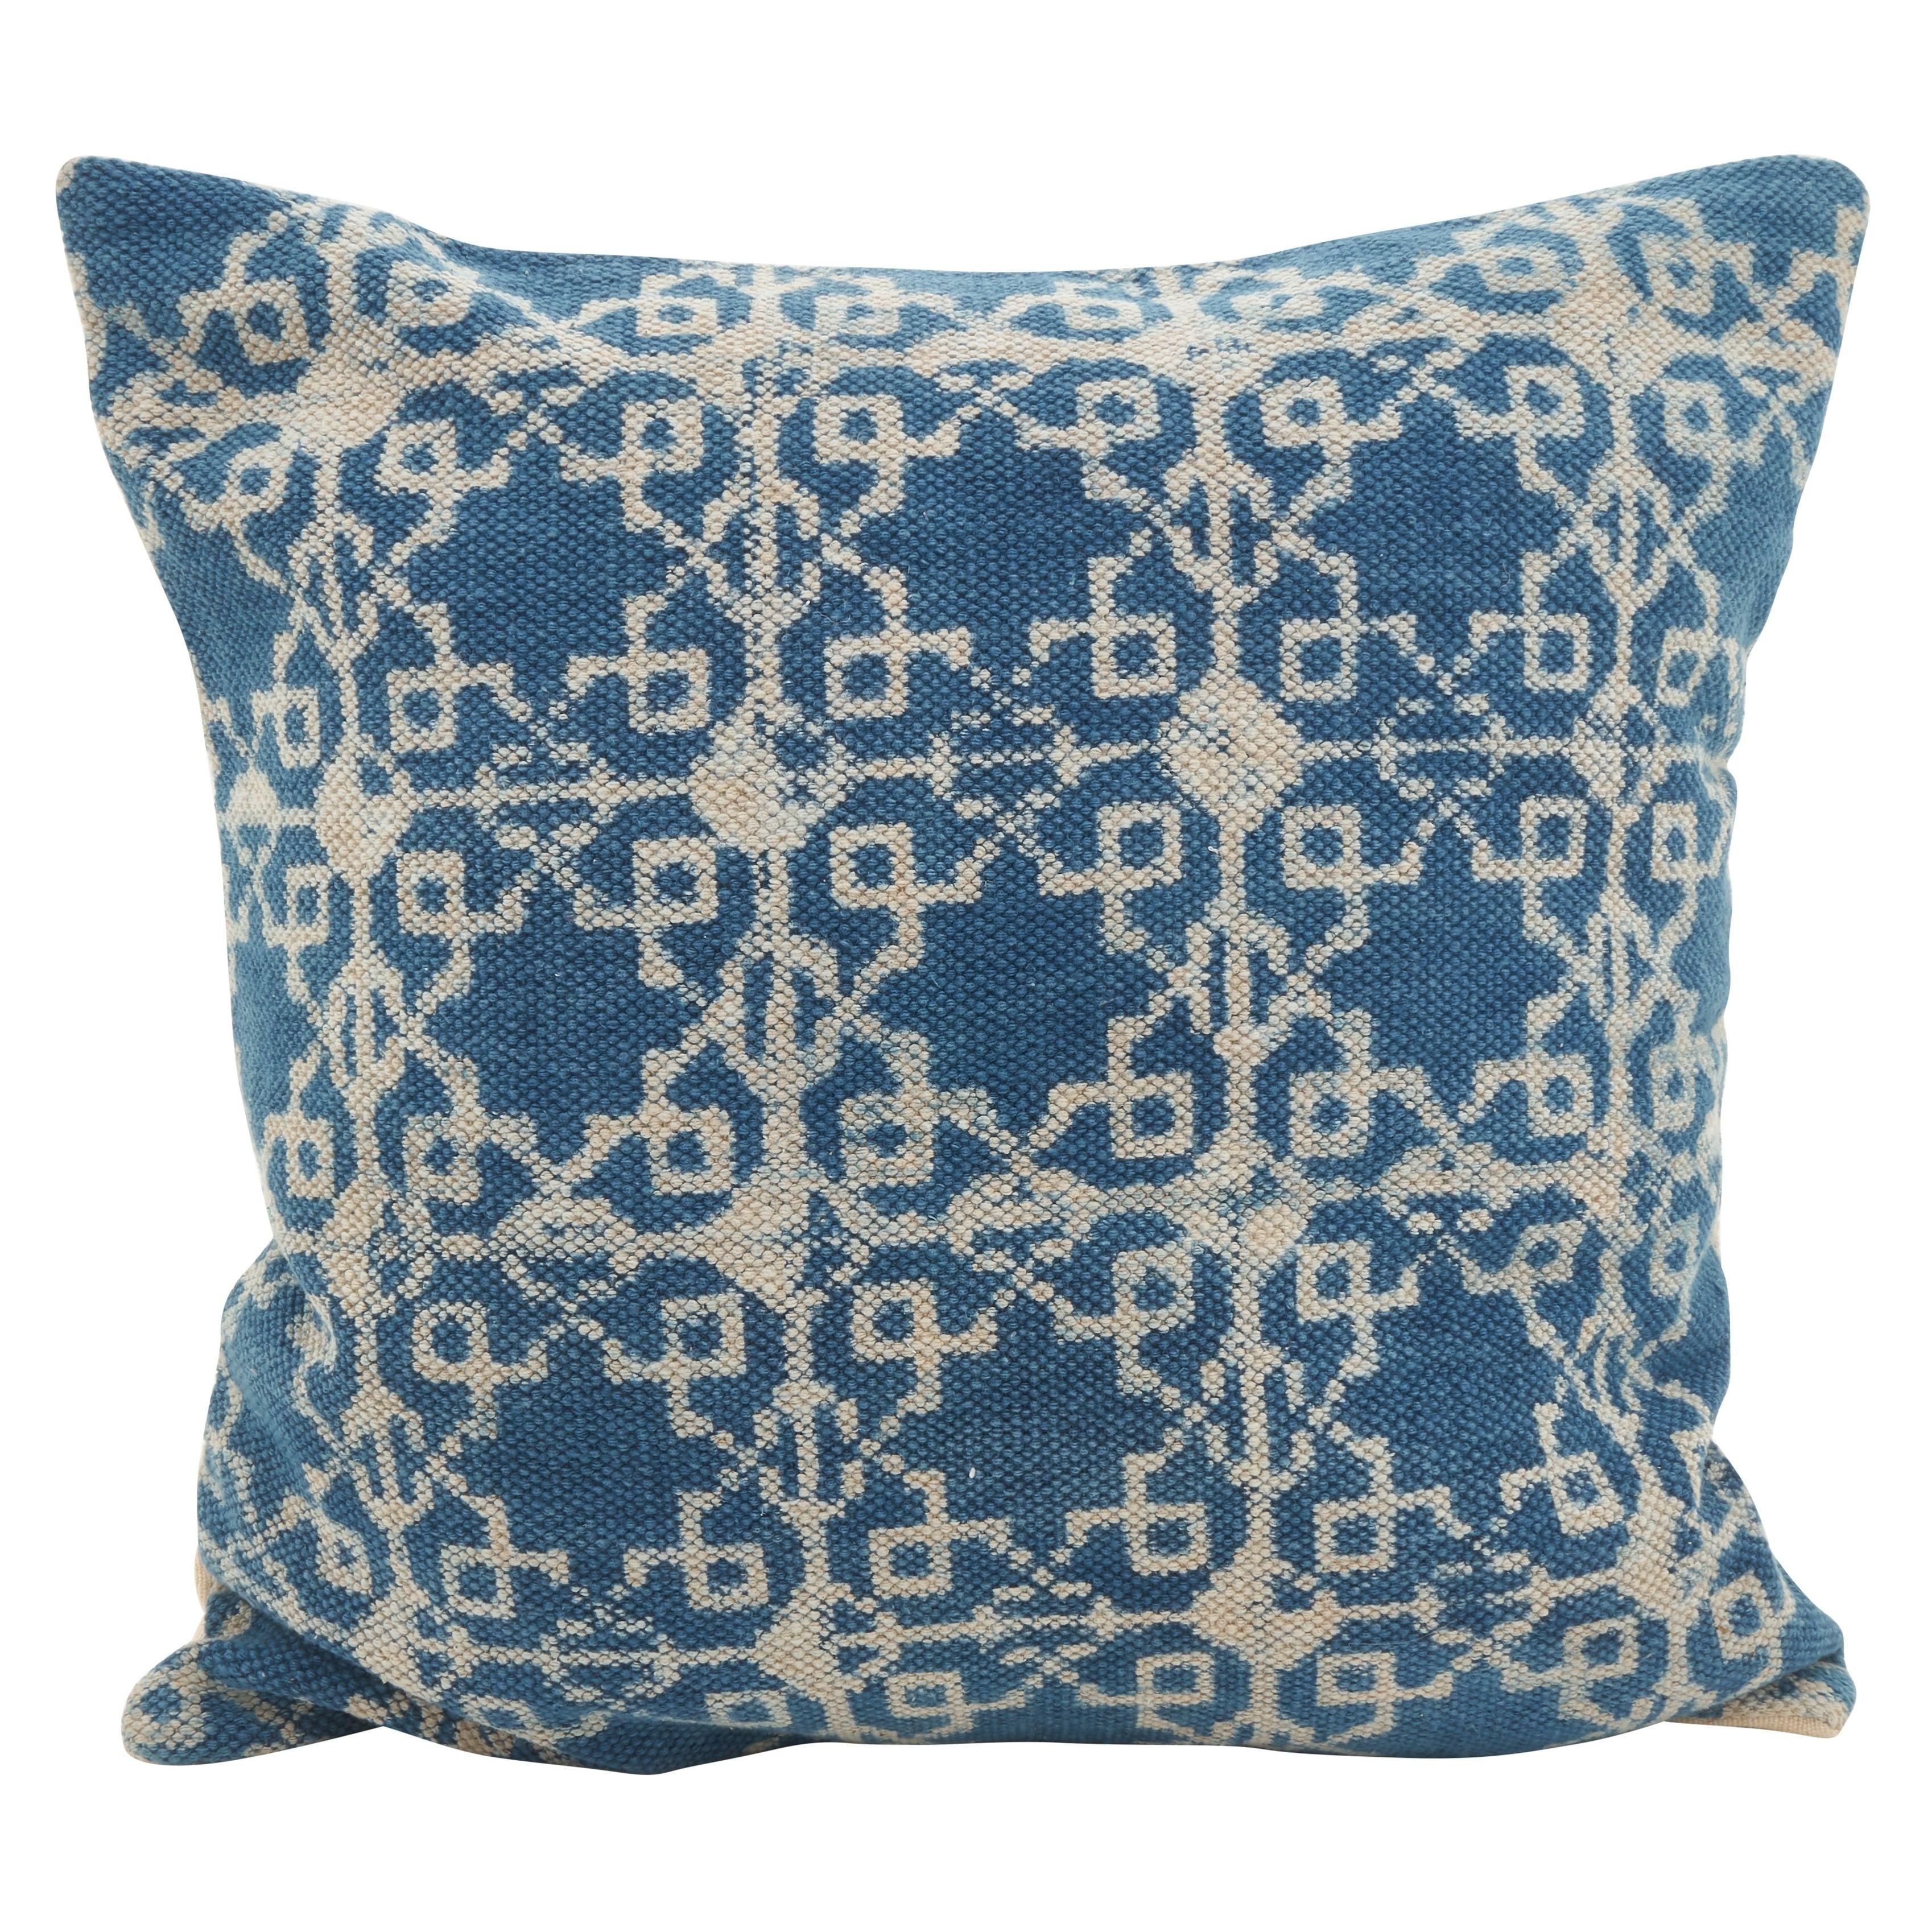 Distressed Diamond Boho Down Filled Throw Pillow, Blue, Saro Lifestyle(Cotton, Geometric)